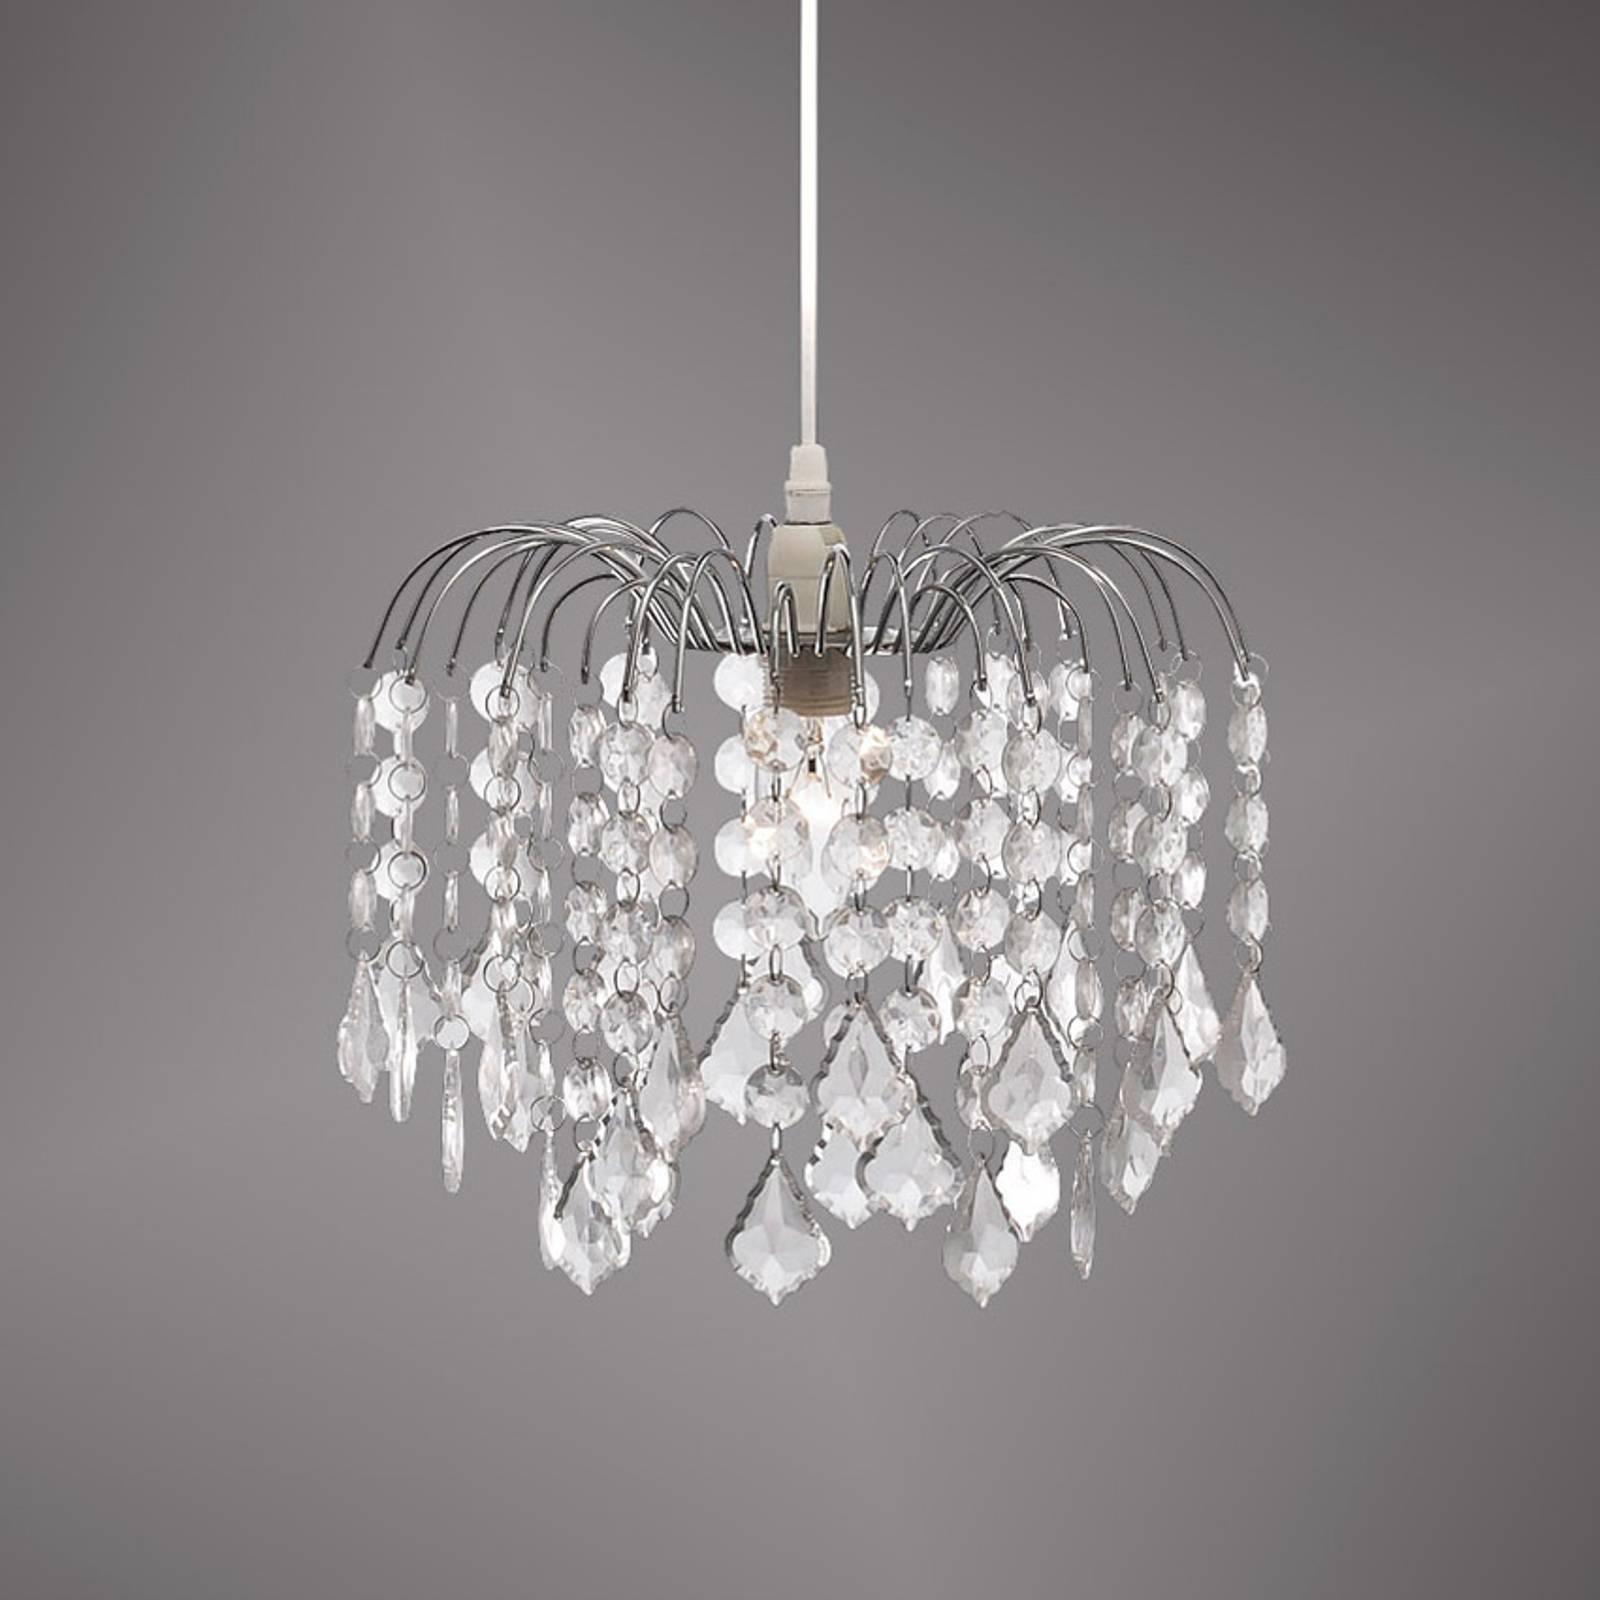 Jelly - een hanglamp met doorzichtig behang